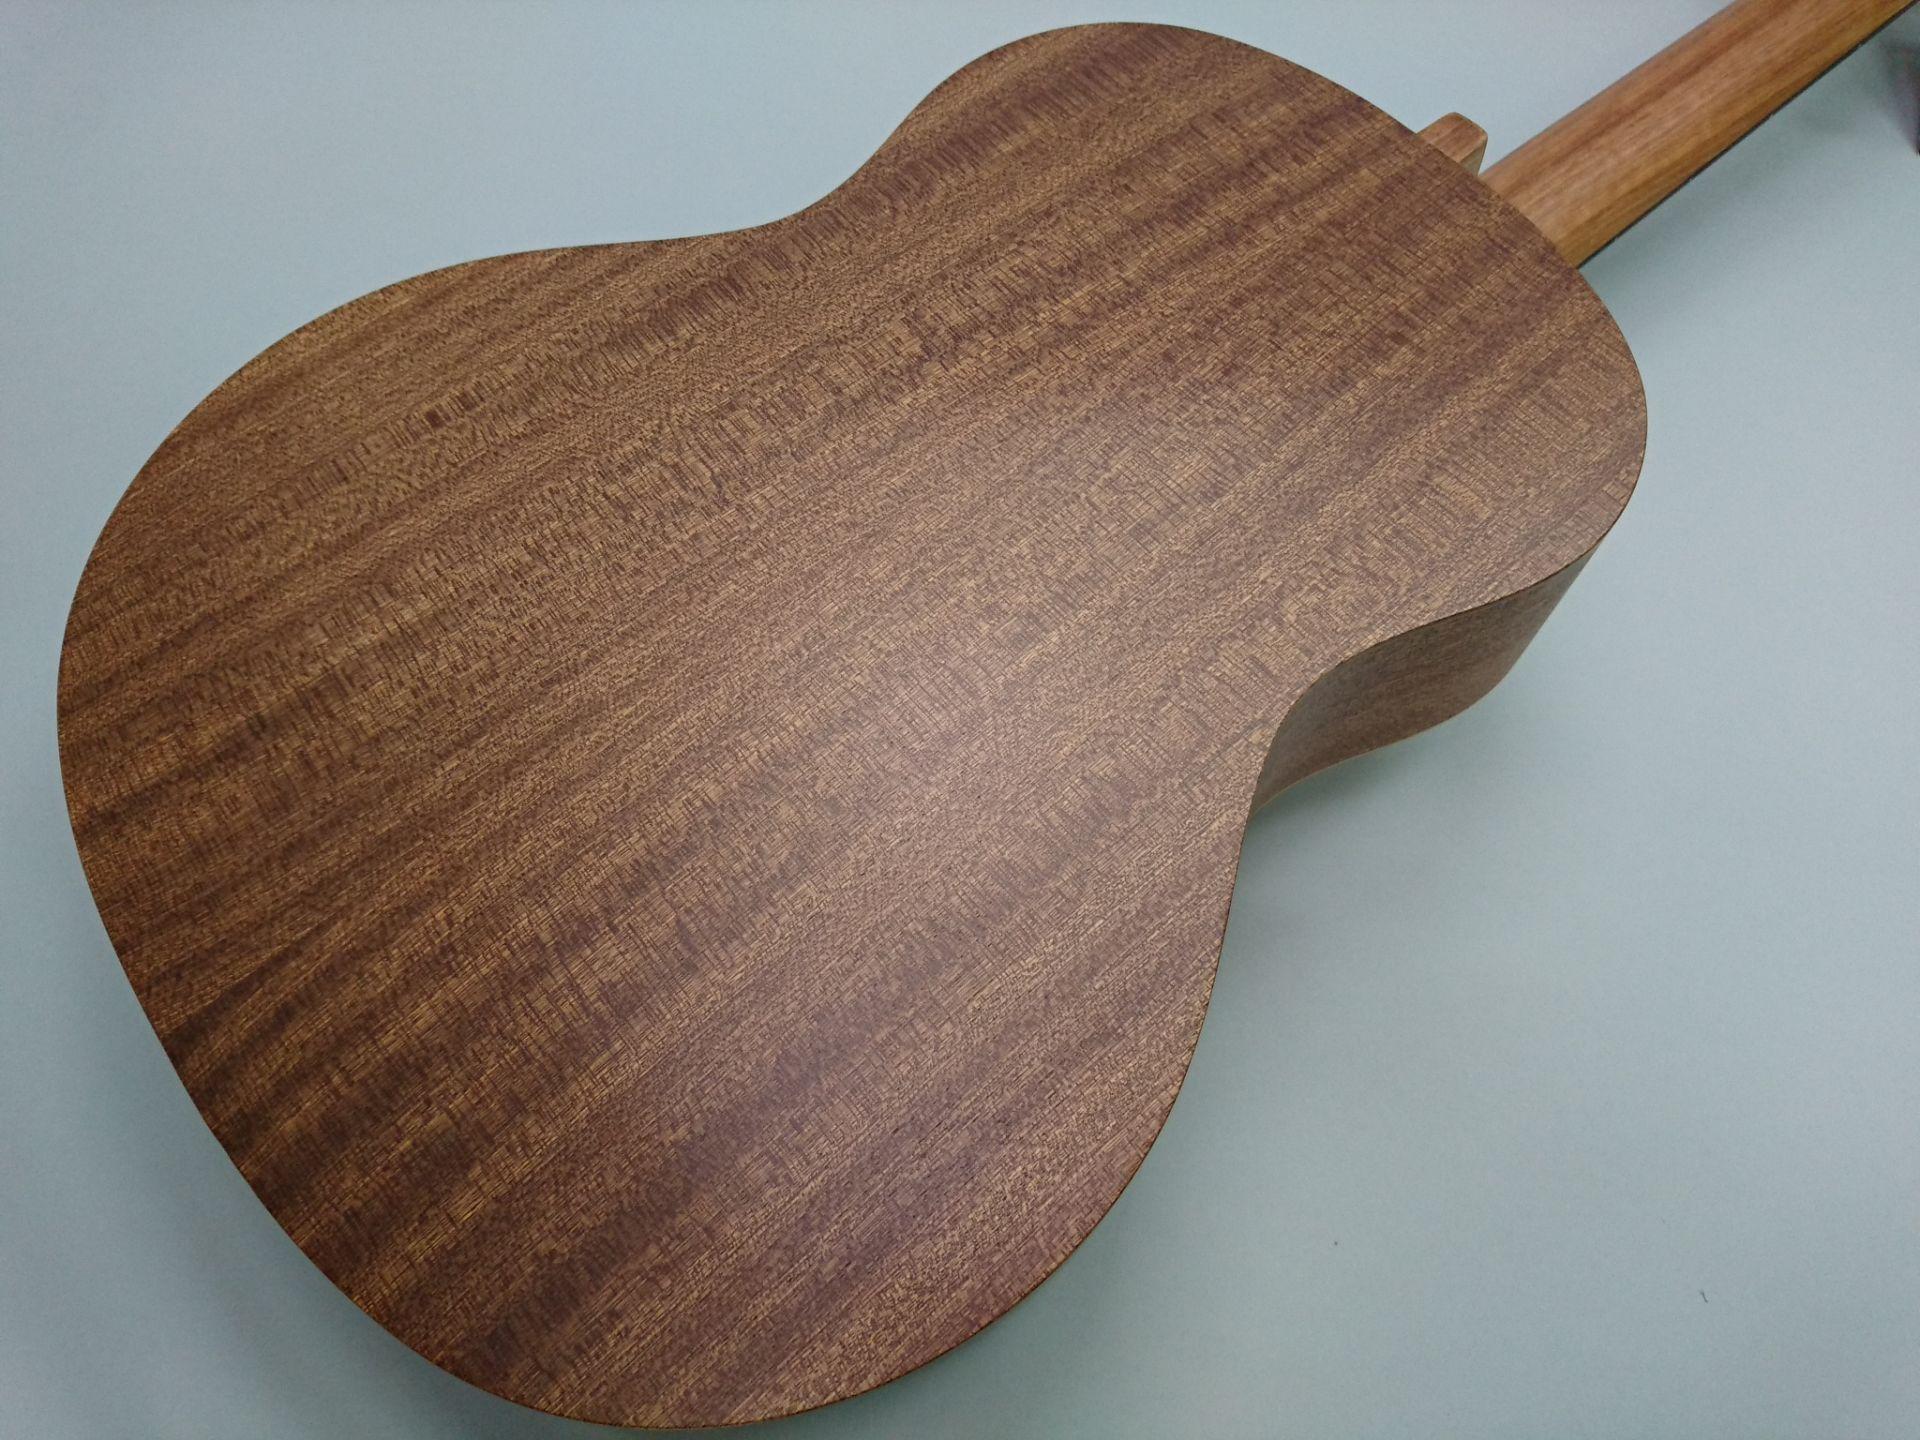 Coco Guitarのボディバック-アップ画像